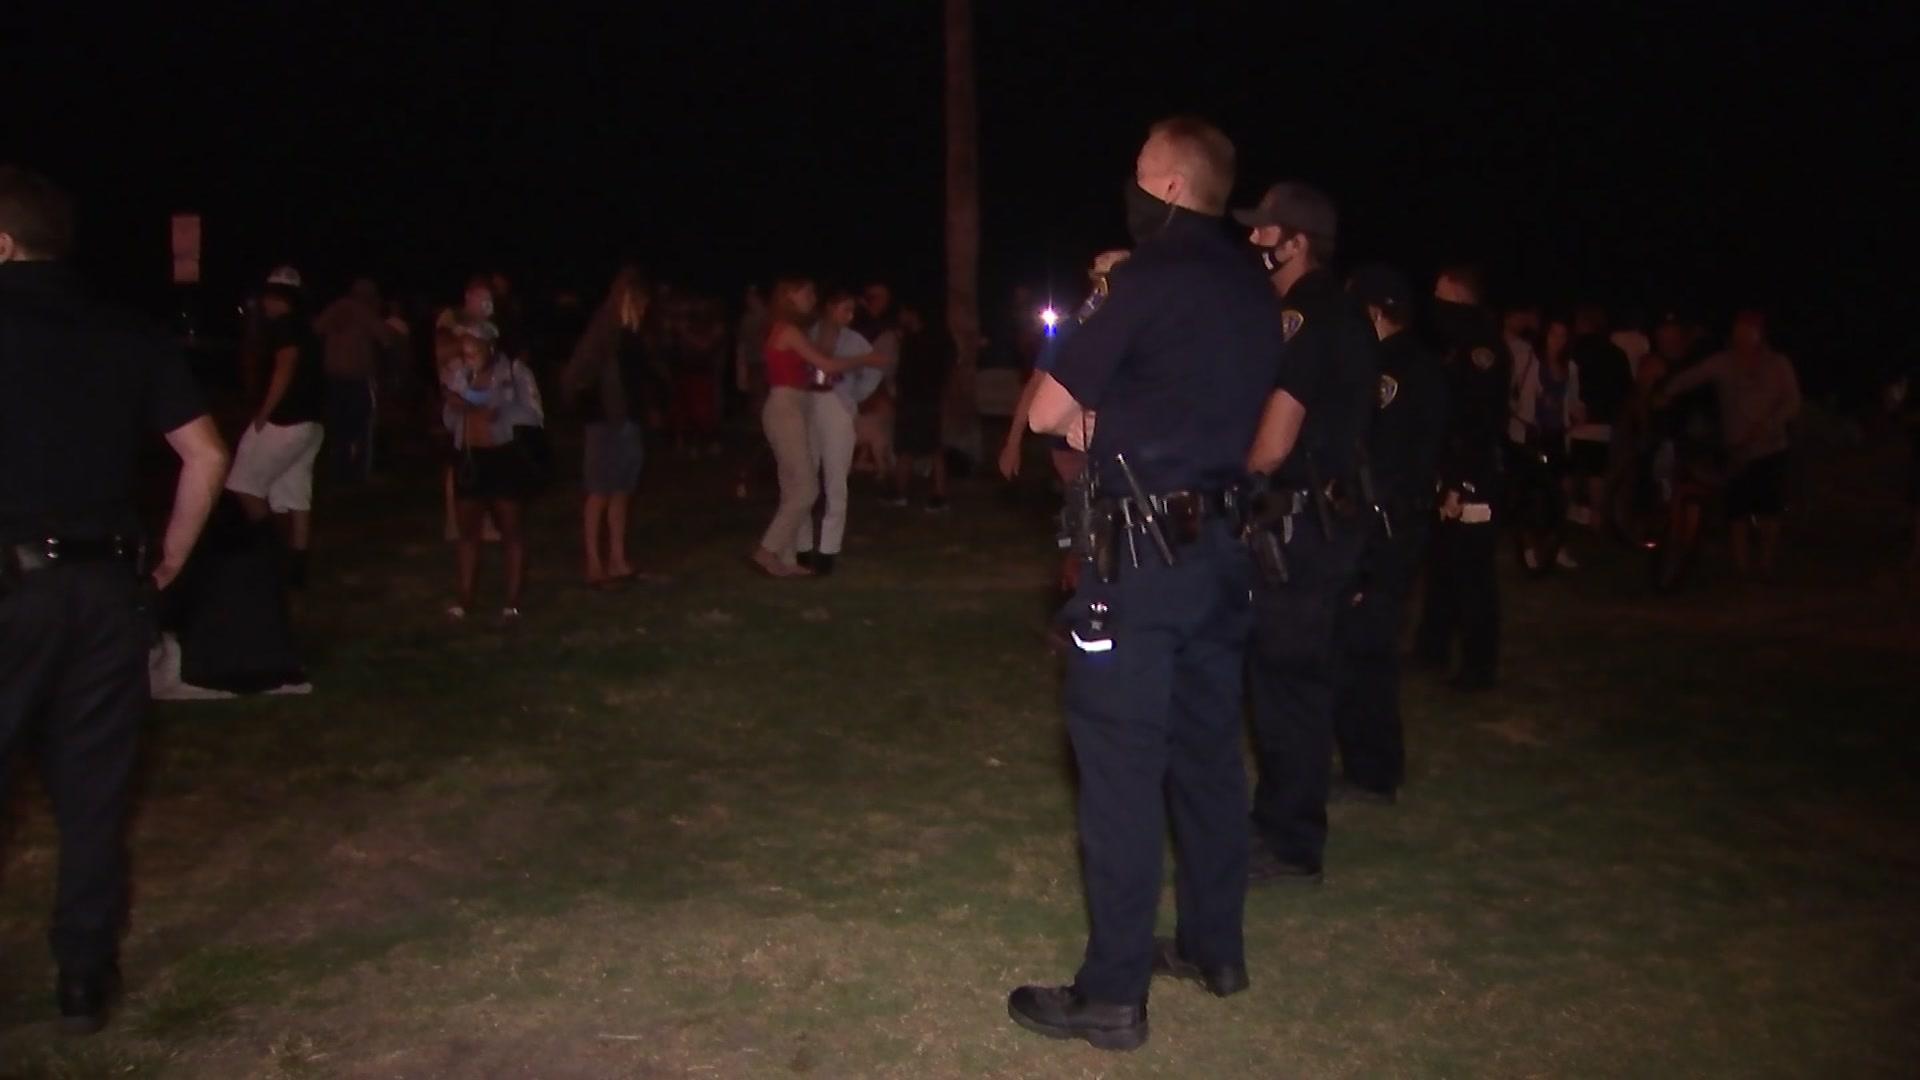 Police Break Up Weekly OB Drum Circle